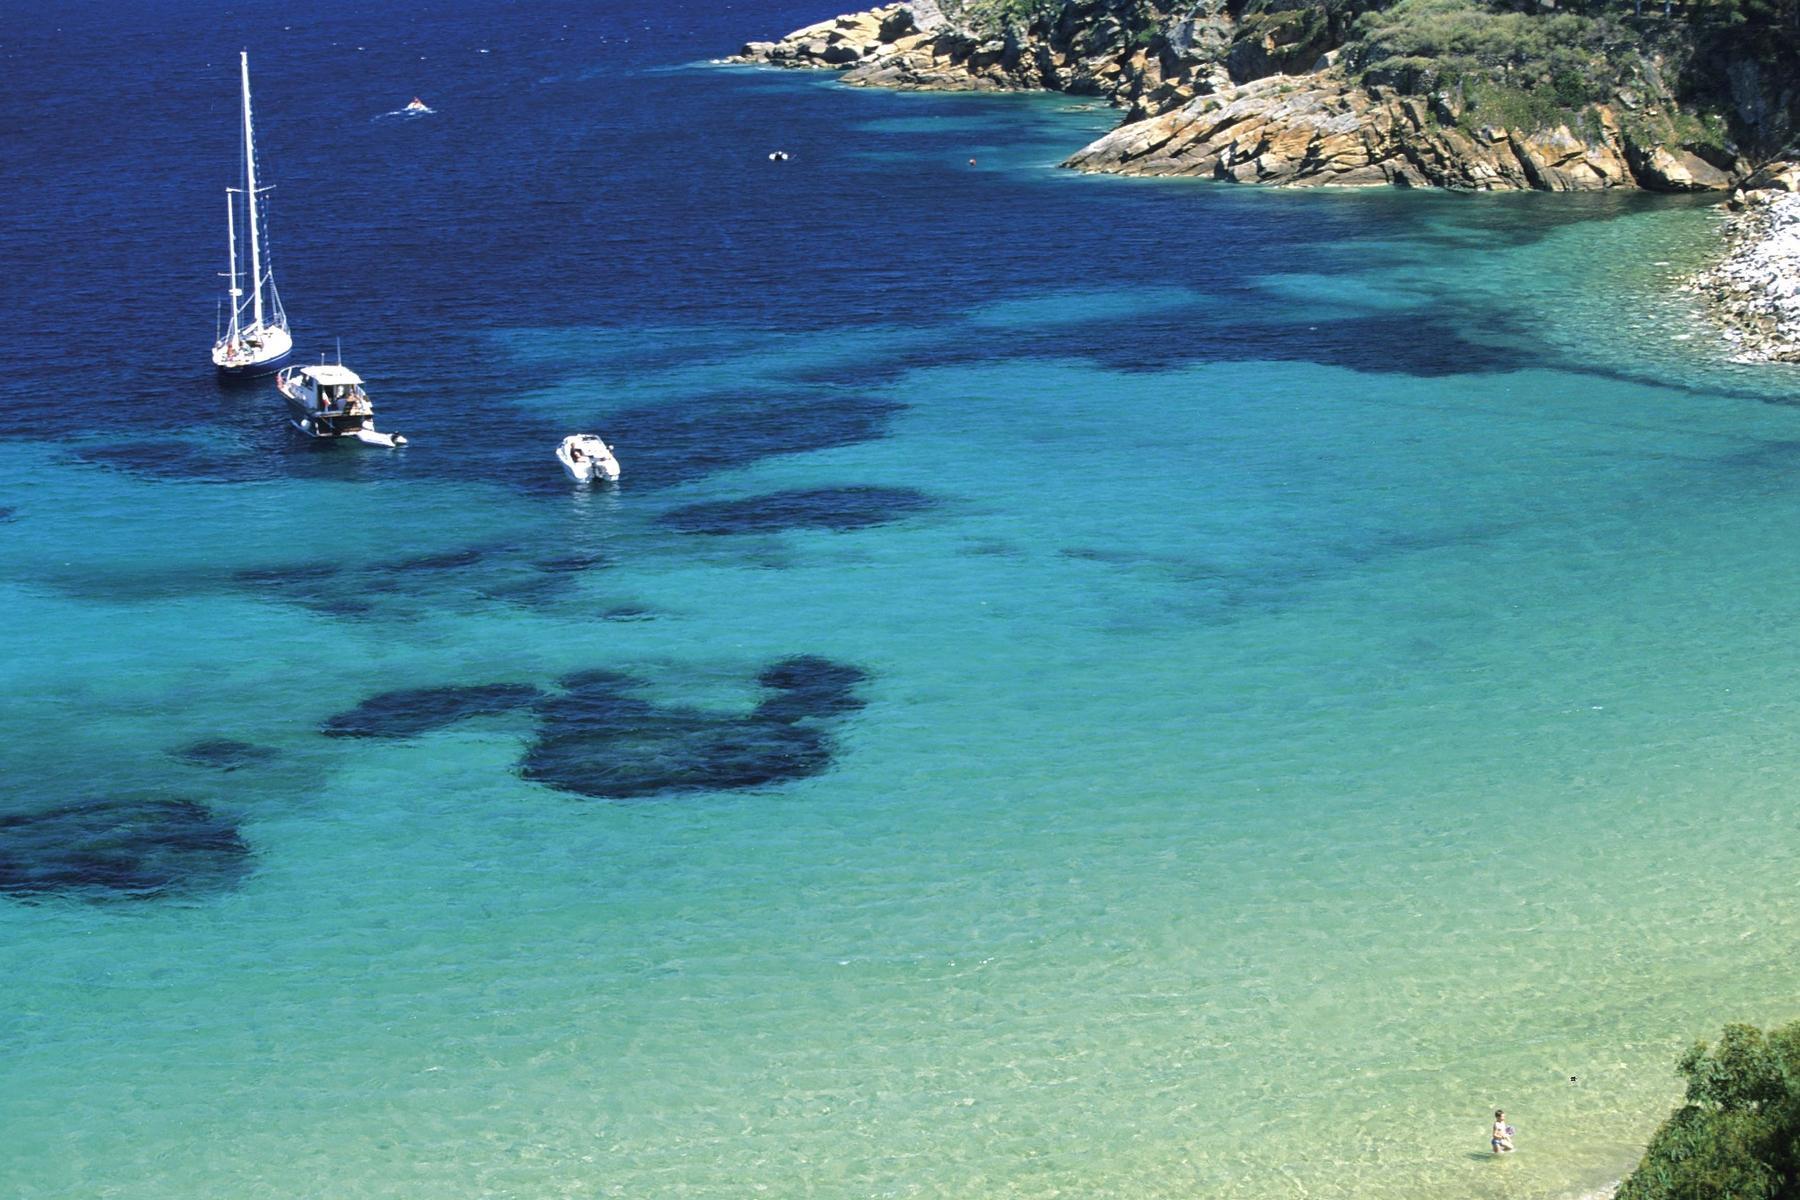 Magnifique villa avec vue imprenable sur le lagon d'Orbetello - 13